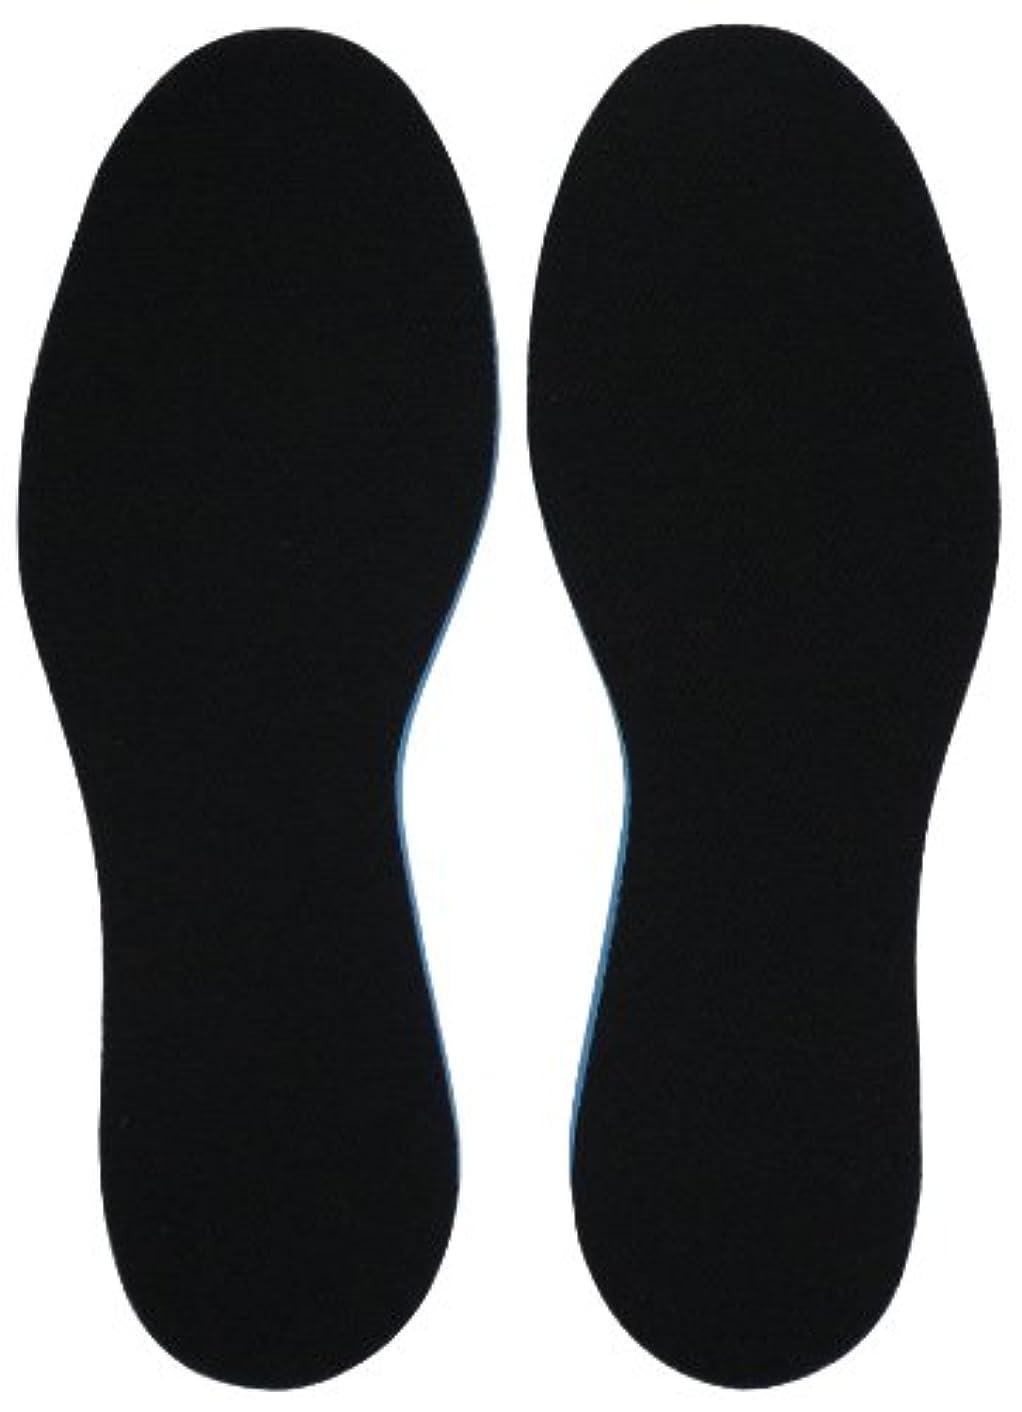 次へ鈍いシーンコロンブス MEGA厚サイズフィッターインソール 1足分(2枚入り) 男女兼用 フリーサイズ(22.0~28.0cm)